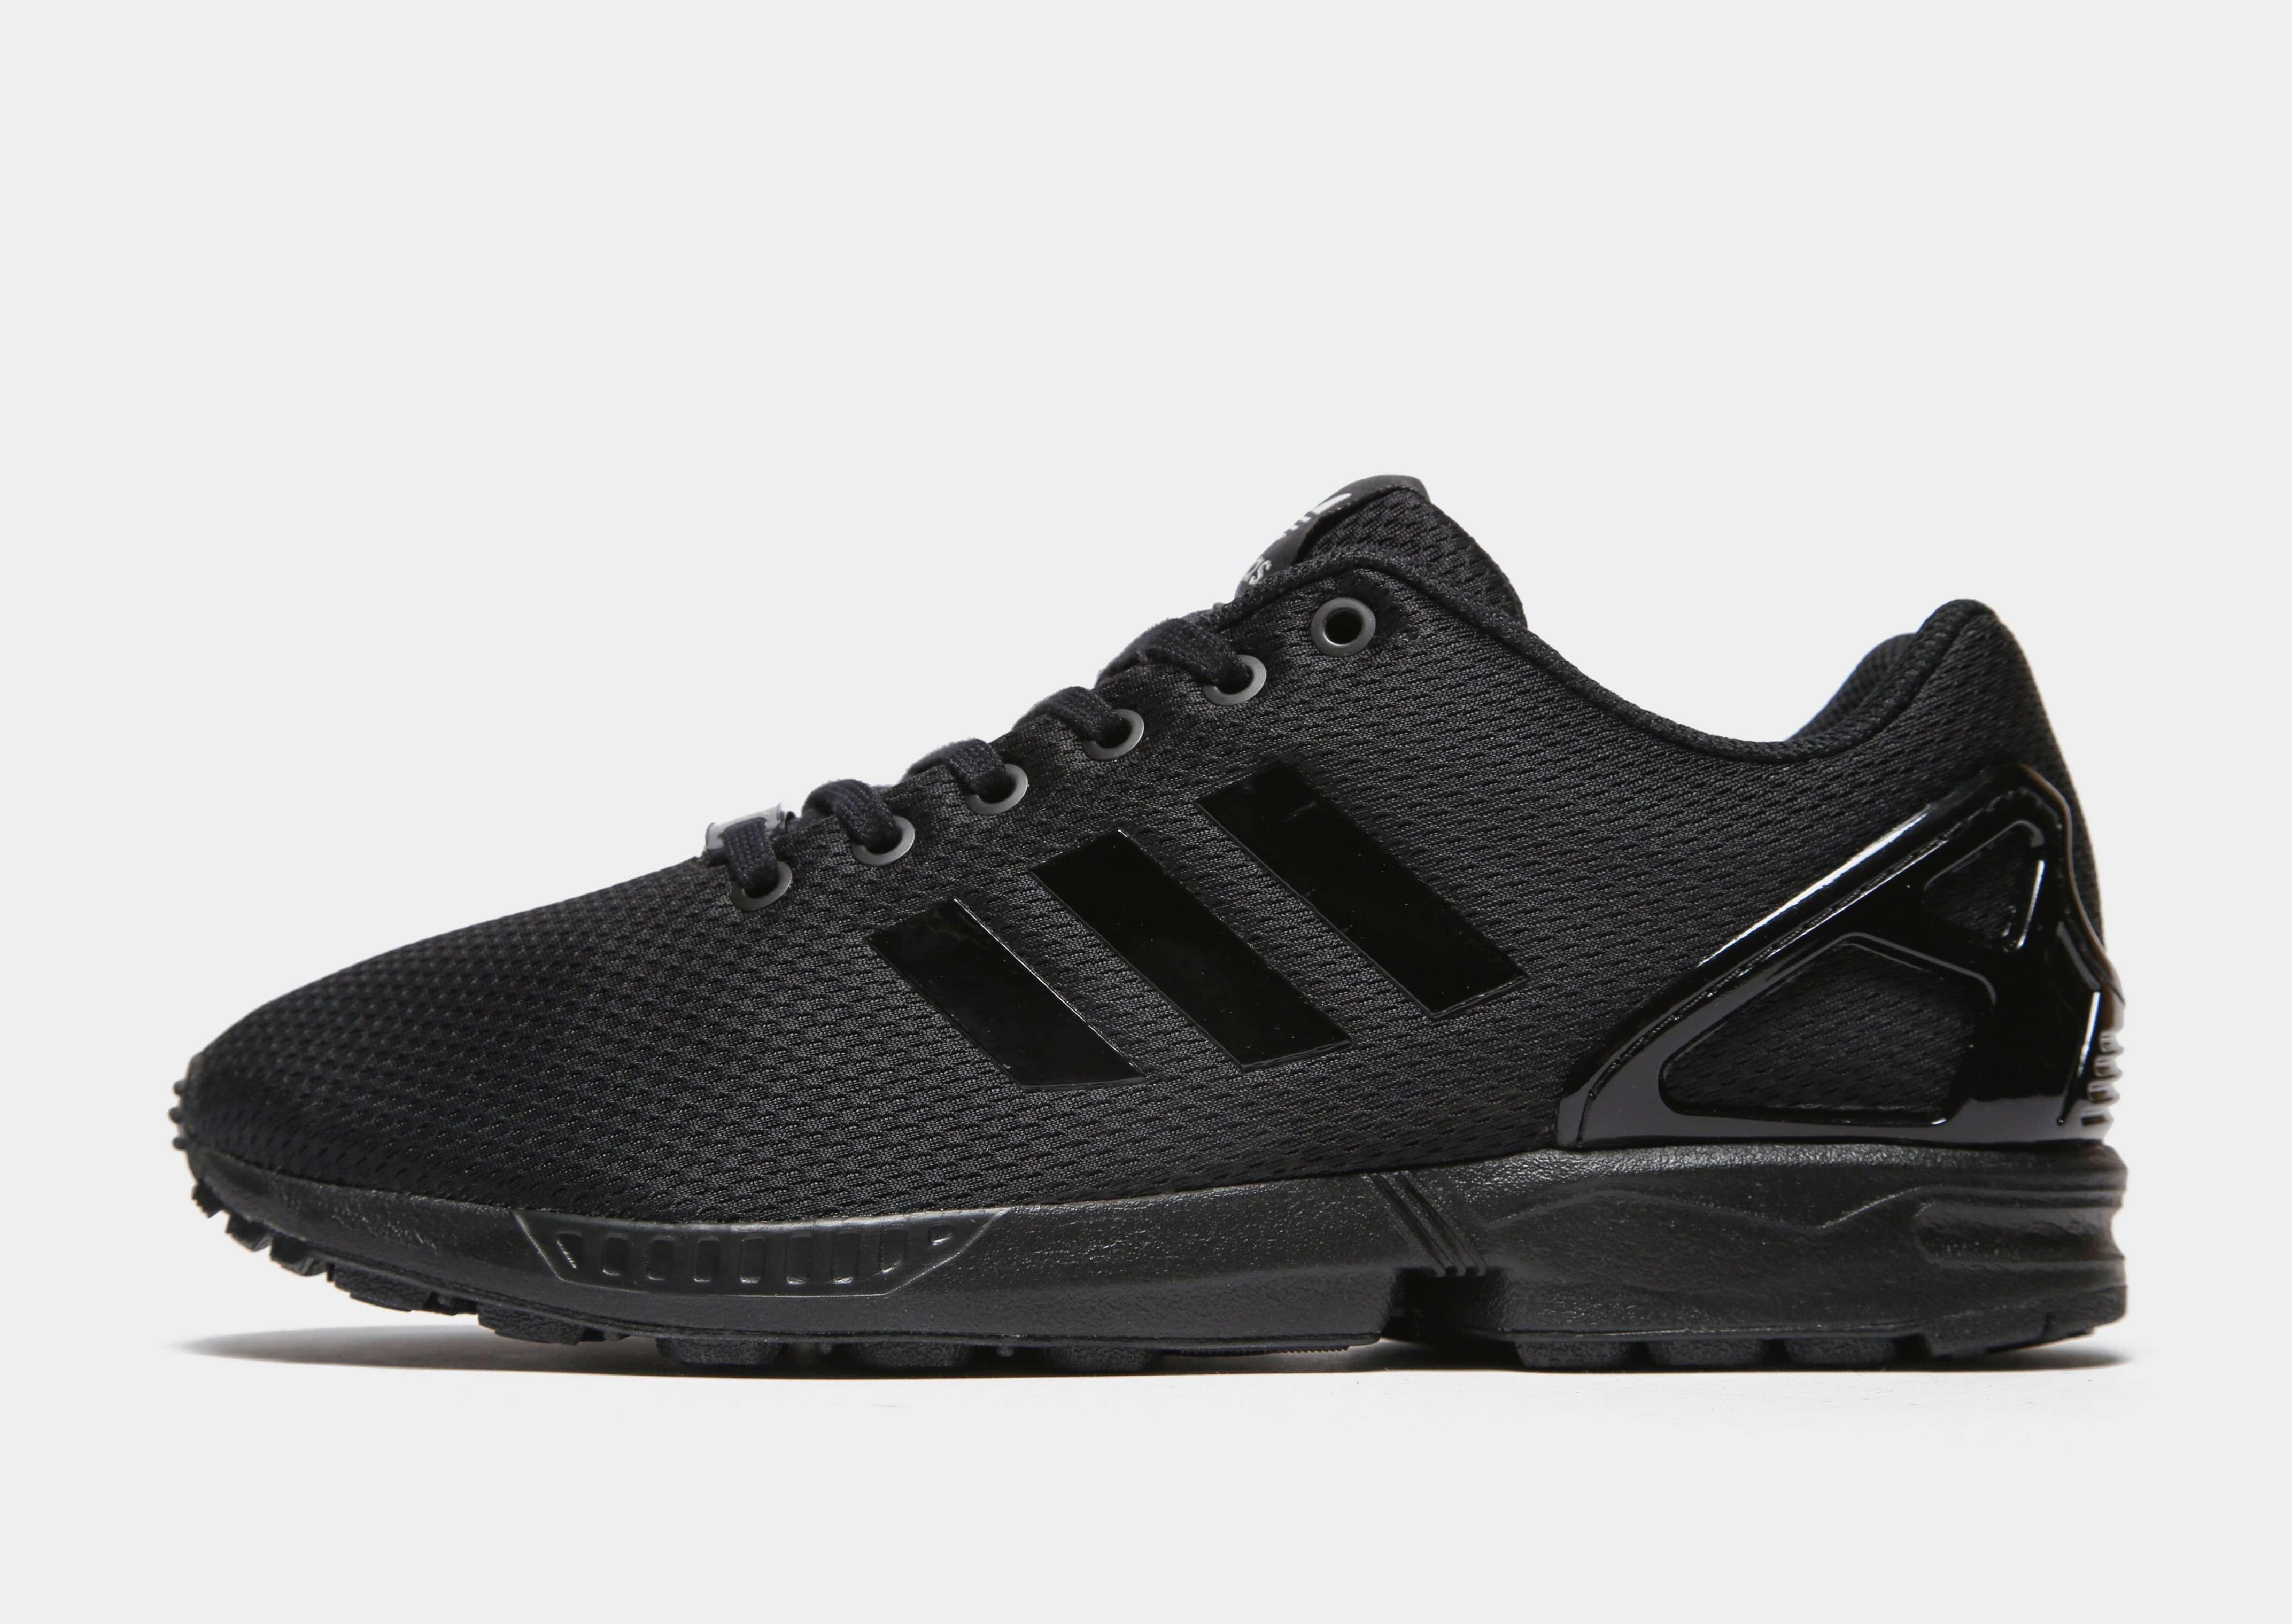 adidas originals zx flux chaussures running toile homme